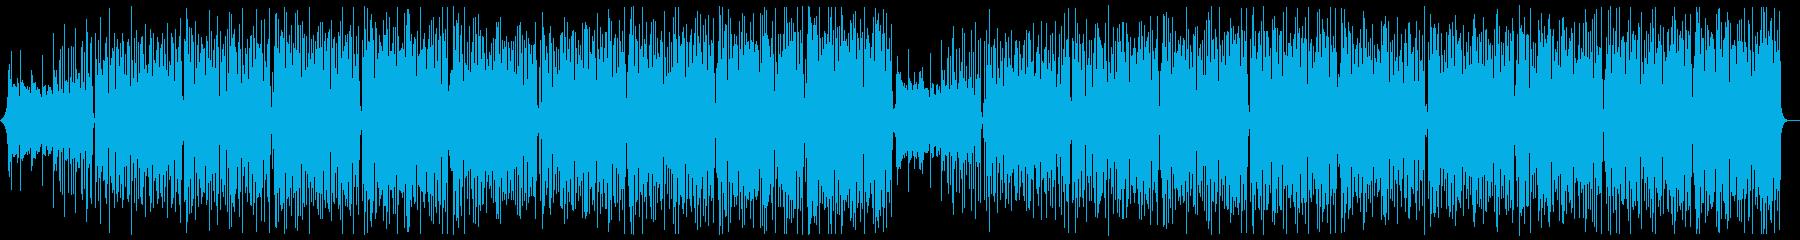 ダークパワーロックオーケストラx2の再生済みの波形